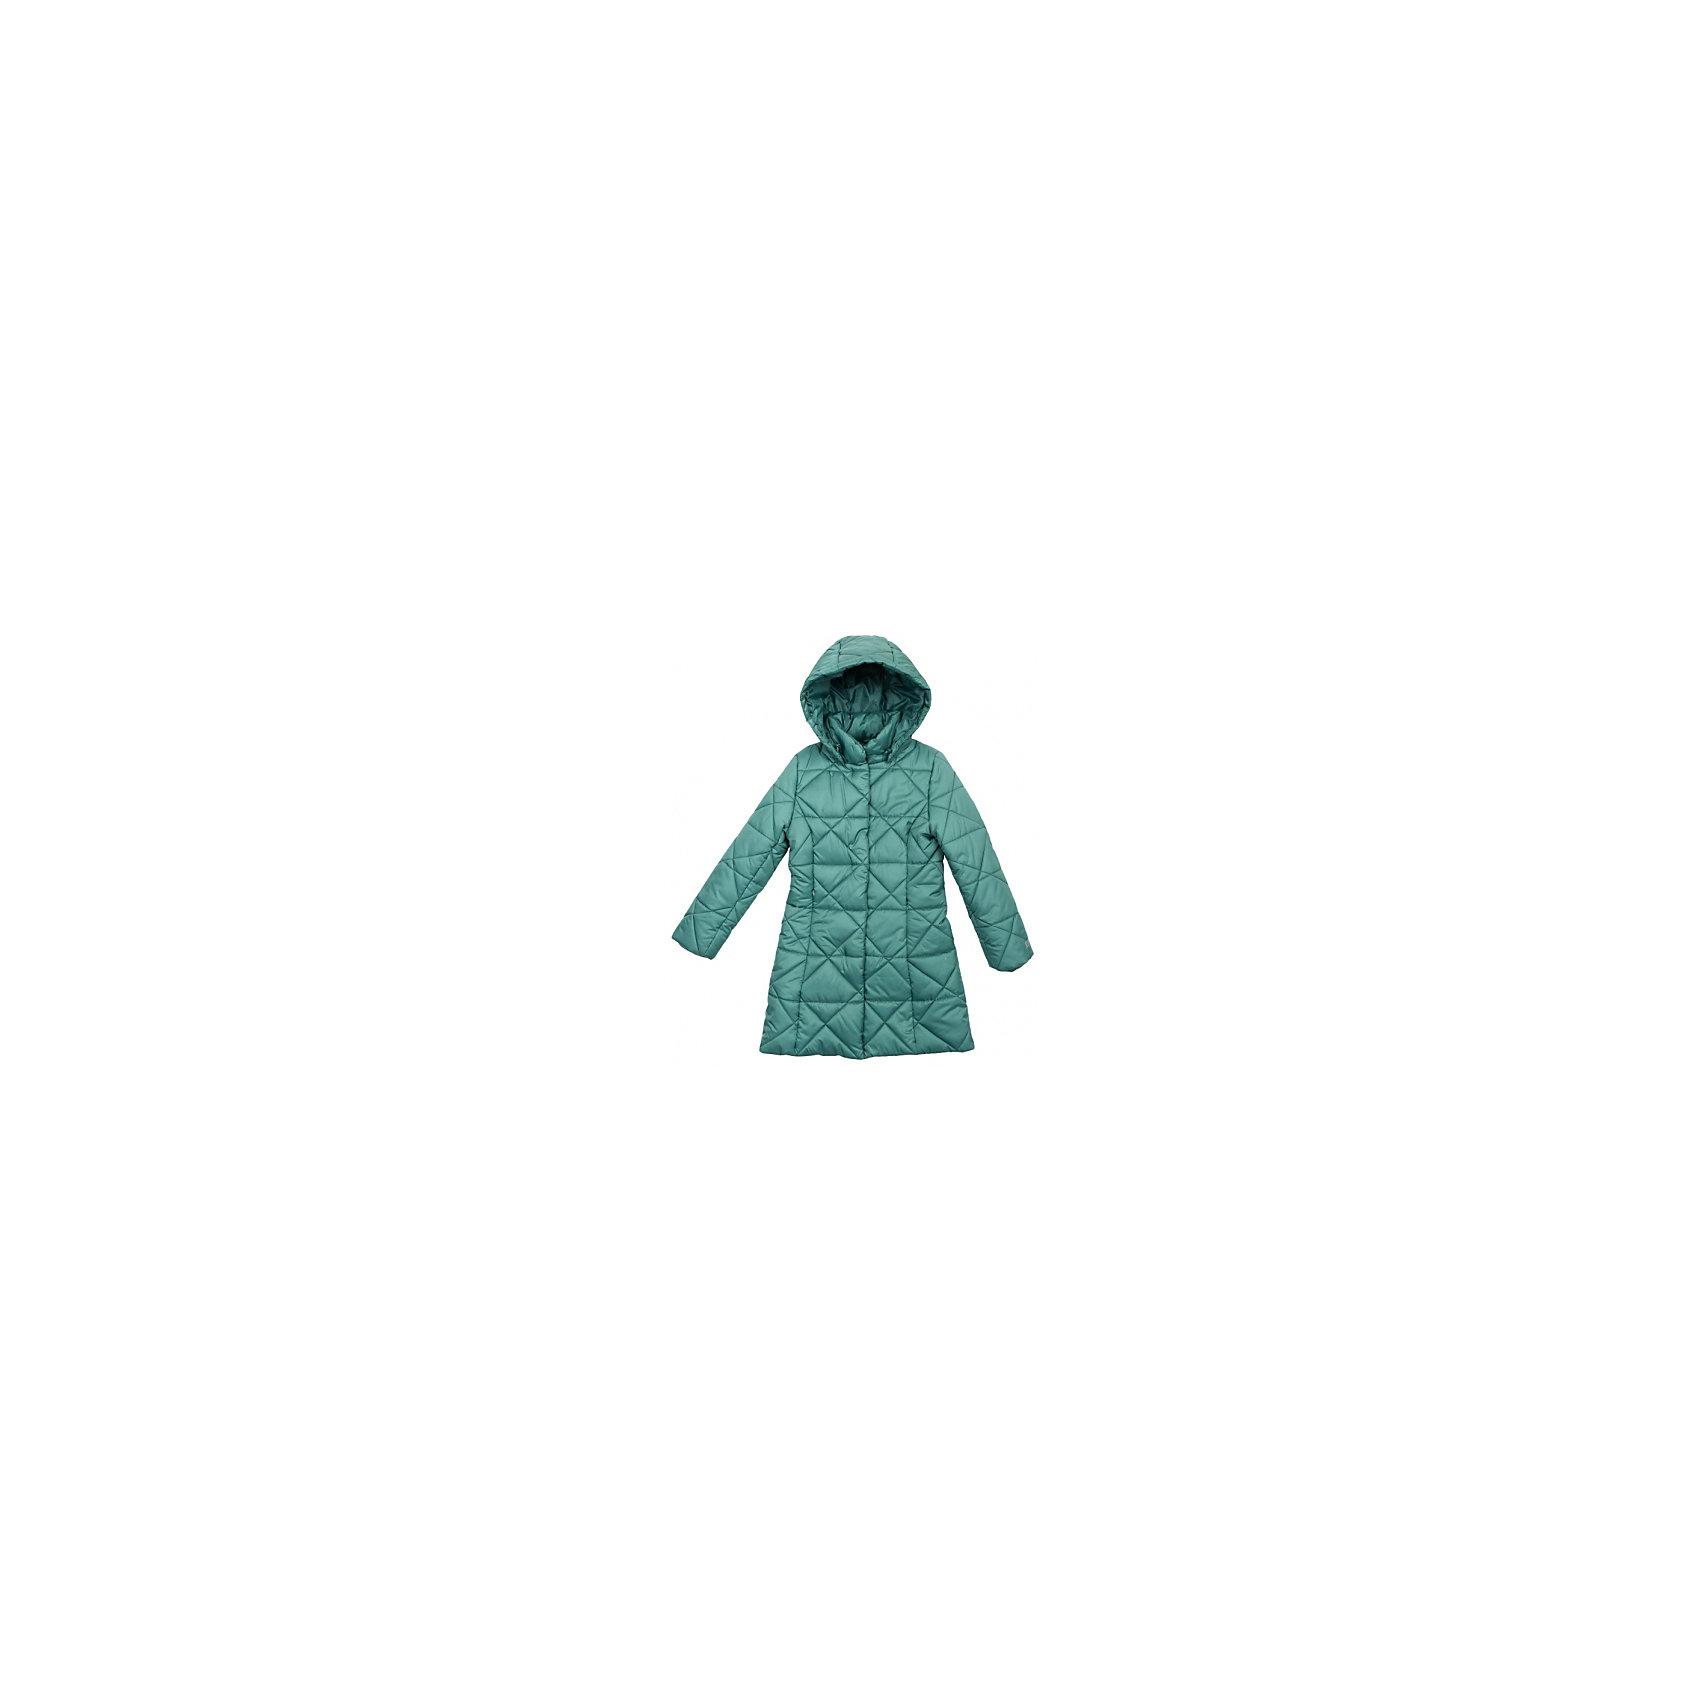 Пальто для девочки ScoolВерхняя одежда<br>Пальто для девочки Scool – стильная и теплая вещь, необходимая зимой.<br>Элегантное и классическое пальто бирюзового цвета идеально защитит от мороза и стужи. Утепленное длинное пальто застегивается на молнию с плавным скольжением и закрывается на ветрозащитную планку на кнопках. Отстегивающийся капюшон можно утянуть стопперами. Трикотажные манжеты на рукавах препятствуют попаданию снега и воды.<br><br>Дополнительная информация:<br><br>- материал: верх – 100% нейлон, подкладка – 100% полиэстер, наполнитель 100% полиэстер<br>- цвет: бирюзовый<br><br>Пальто для девочки Scool можно купить в нашем интернет магазине.<br><br>Ширина мм: 356<br>Глубина мм: 10<br>Высота мм: 245<br>Вес г: 519<br>Цвет: голубой<br>Возраст от месяцев: 144<br>Возраст до месяцев: 156<br>Пол: Женский<br>Возраст: Детский<br>Размер: 158,140,164,152,134,146<br>SKU: 4911976